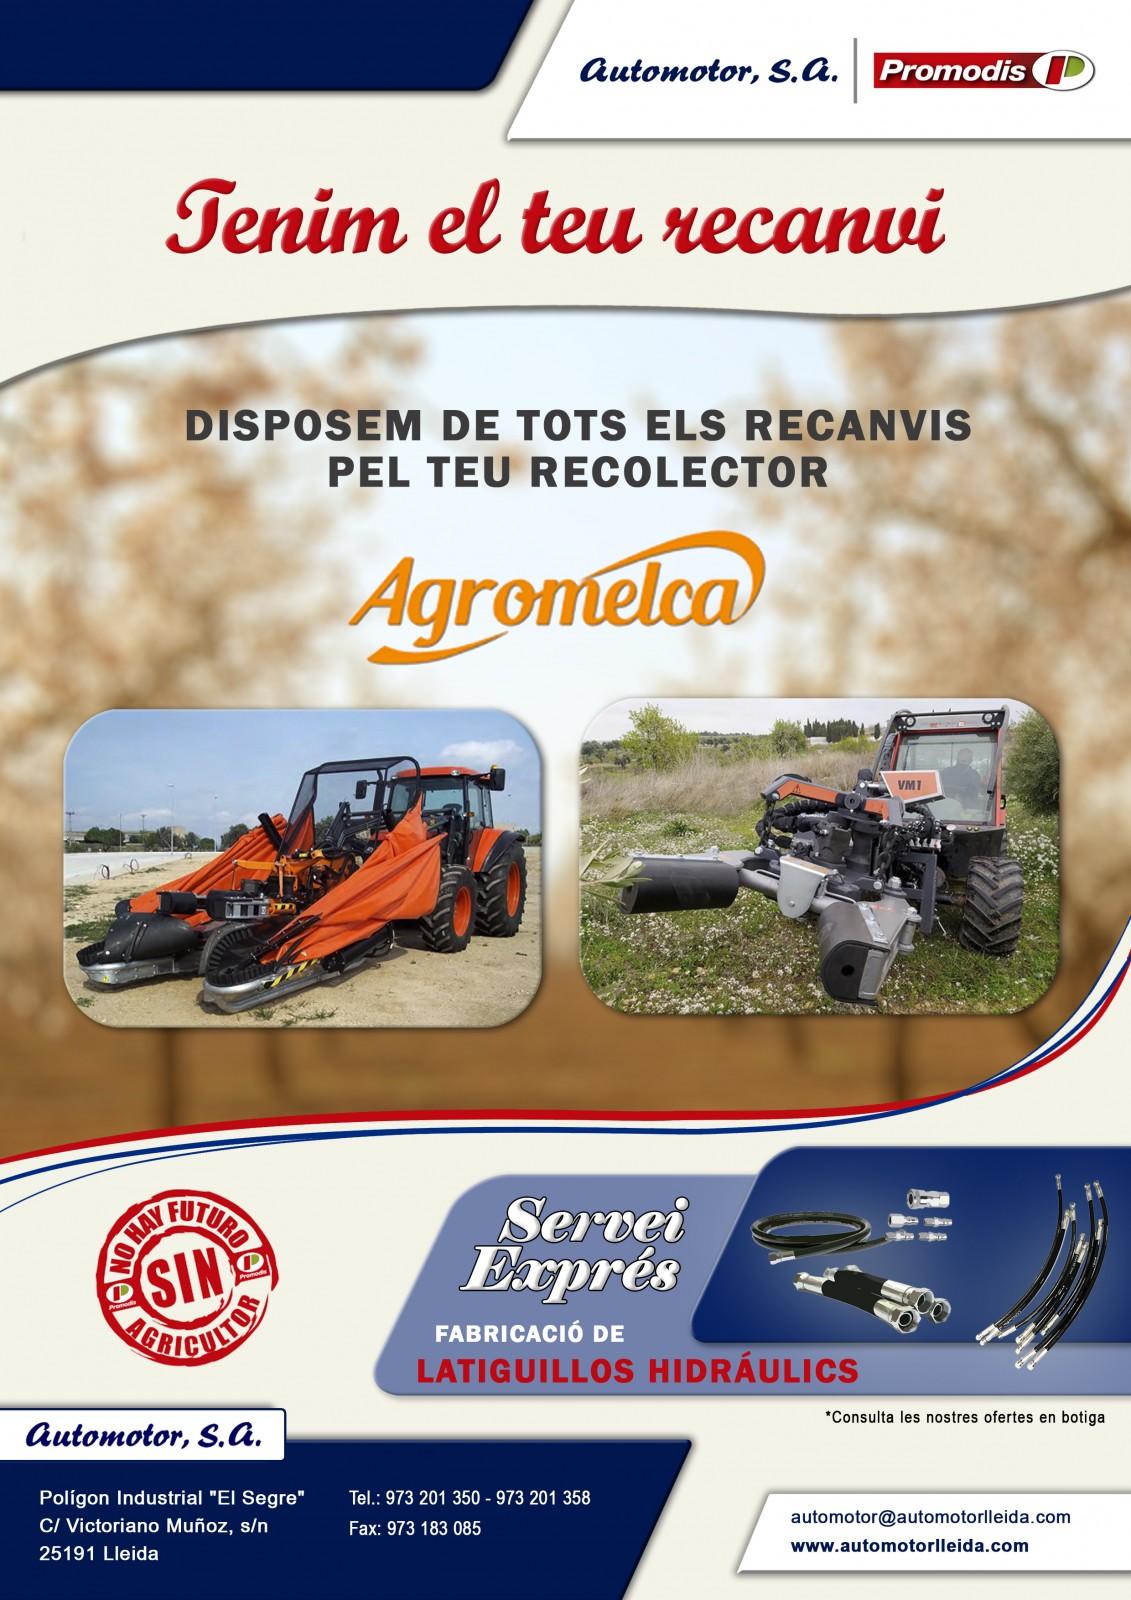 PROMOCIÓN RECAMBIOS AGROMELCA